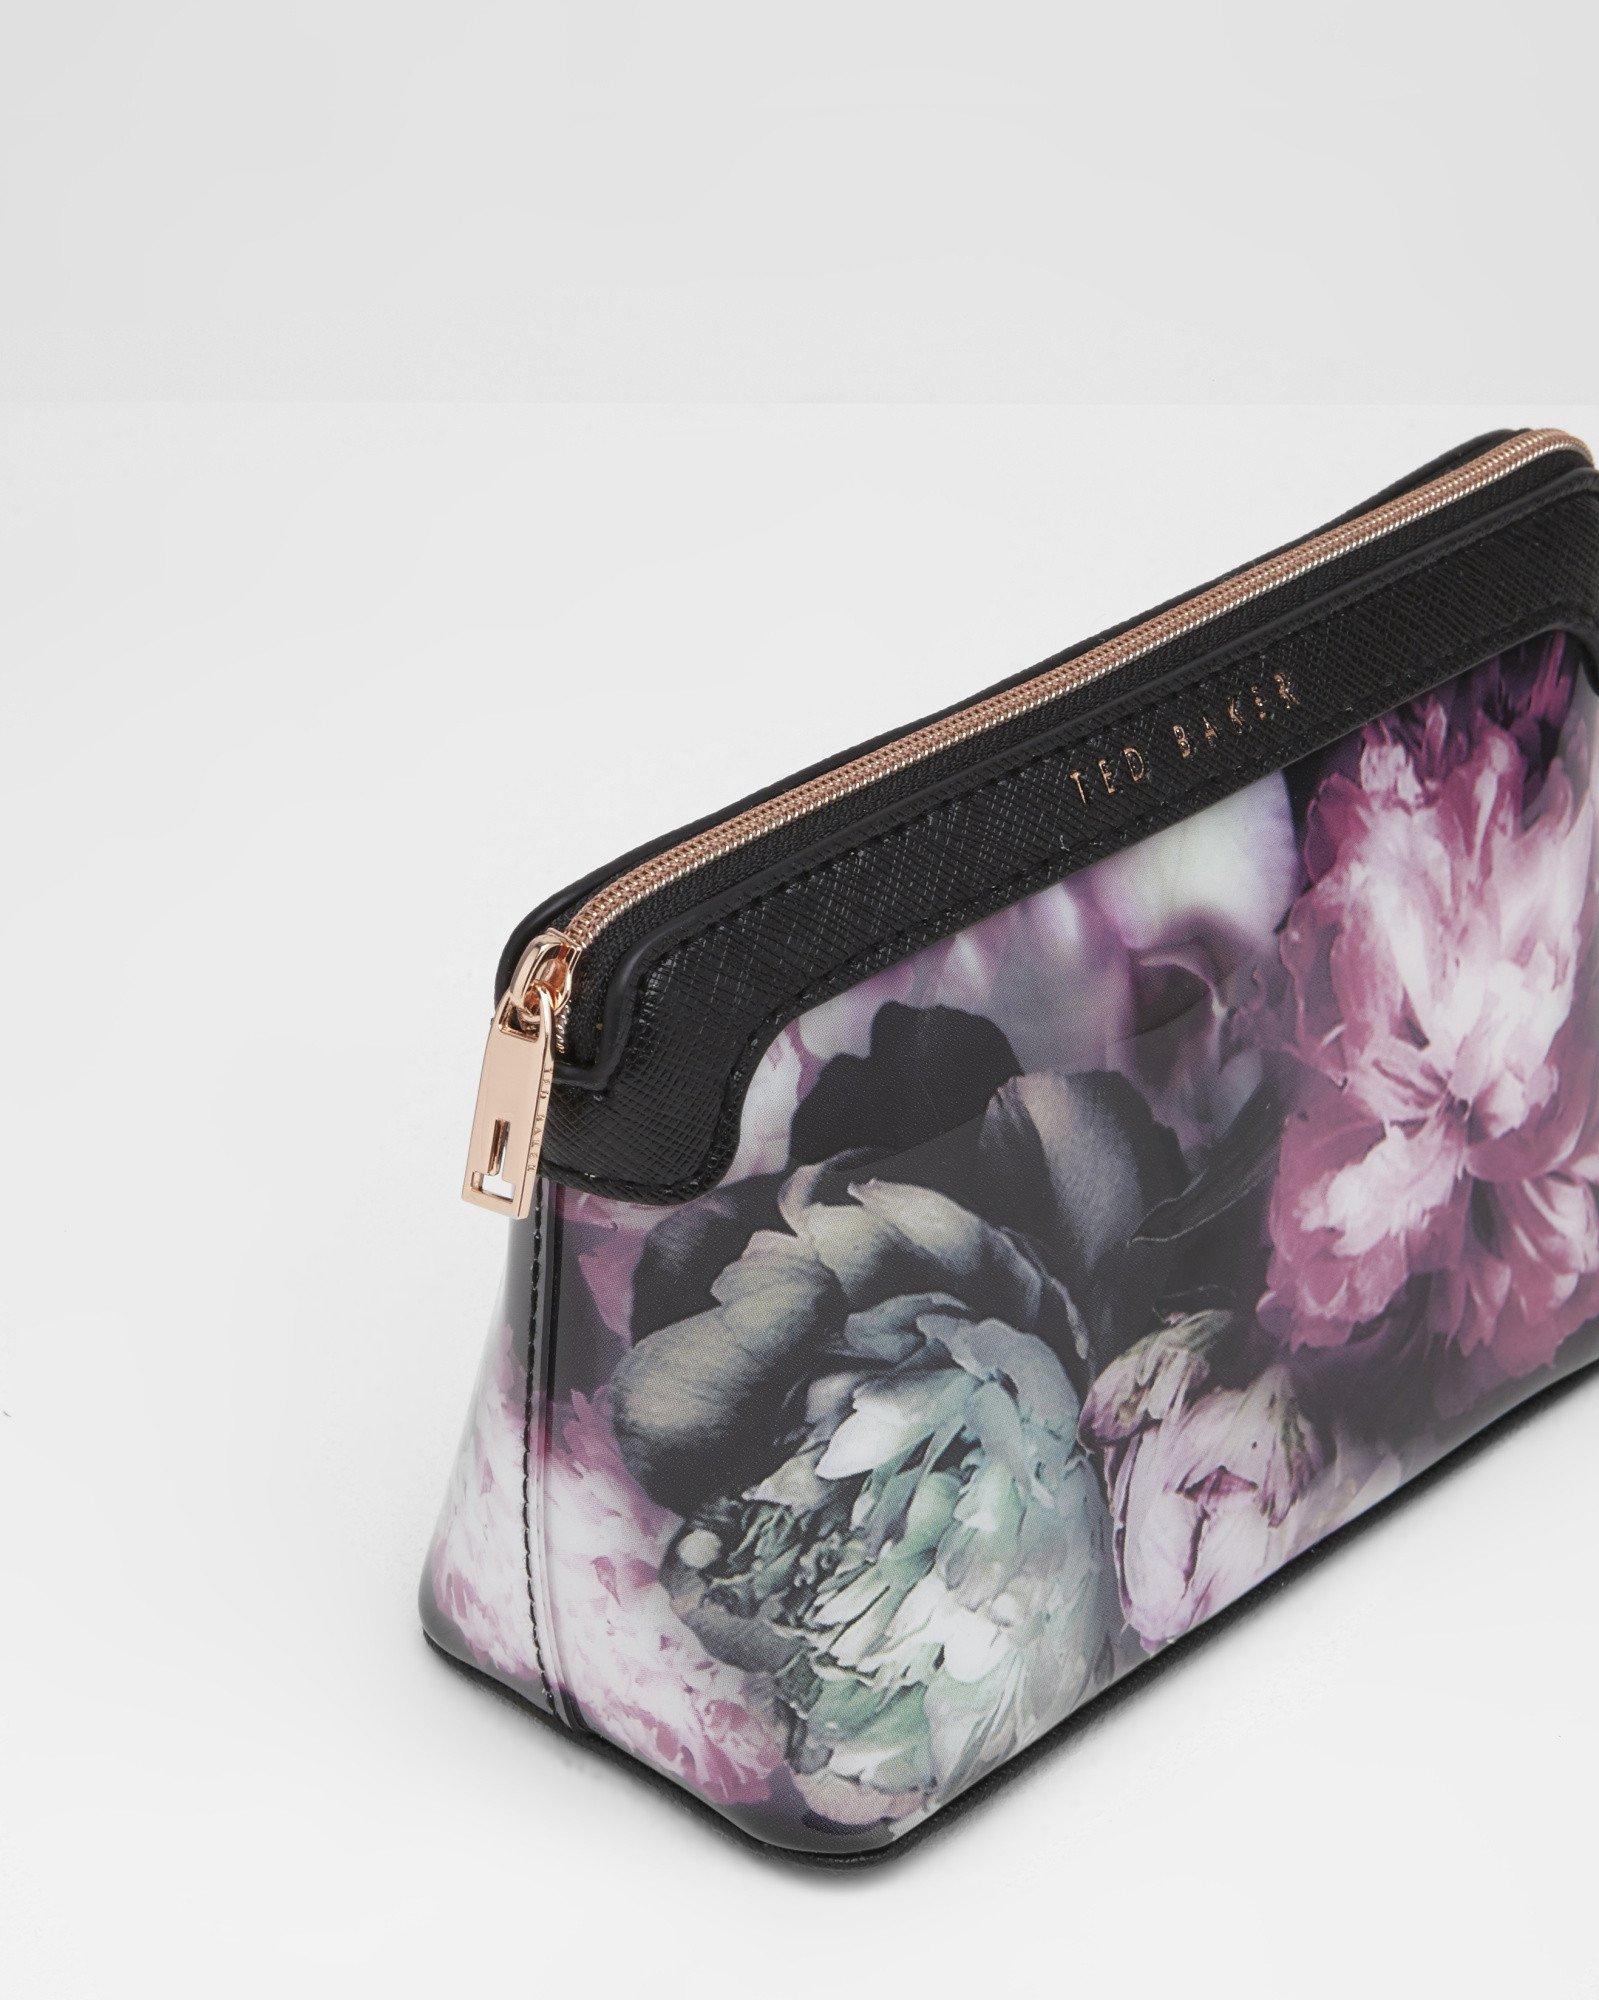 500574c3c907e Ted Baker Pale Pink Makeup Bag